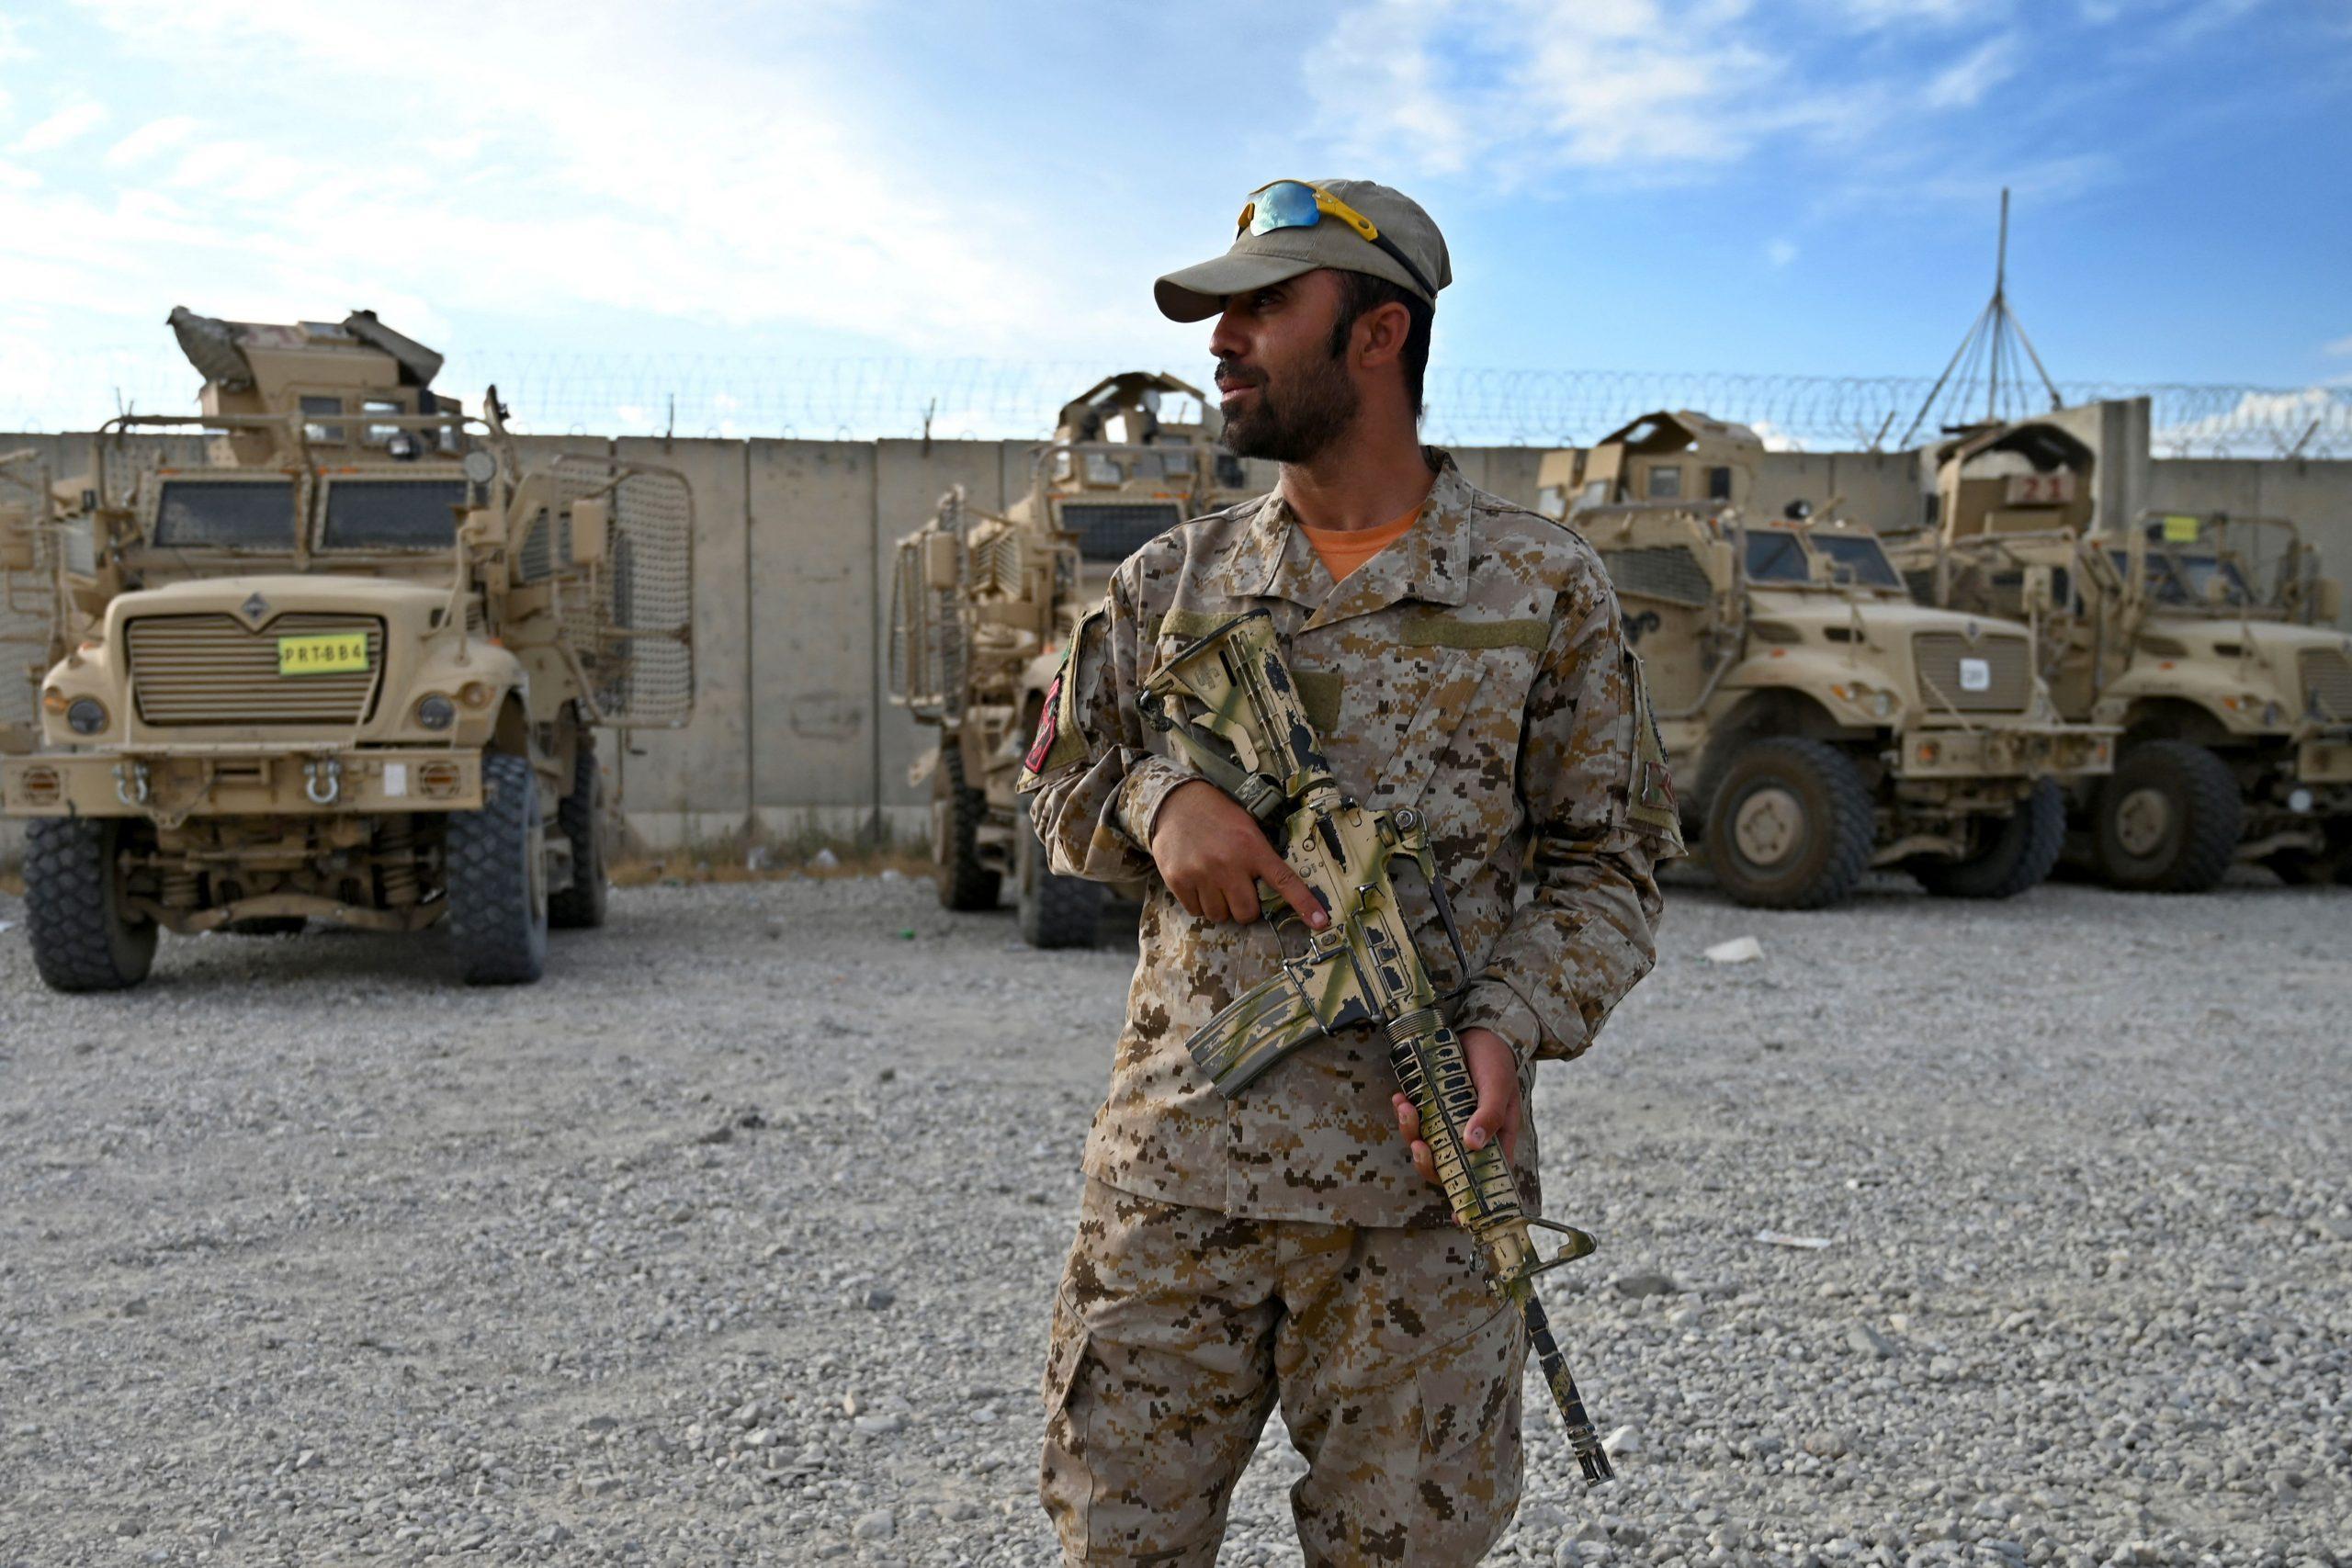 afghanistan_police-soldier-bagram